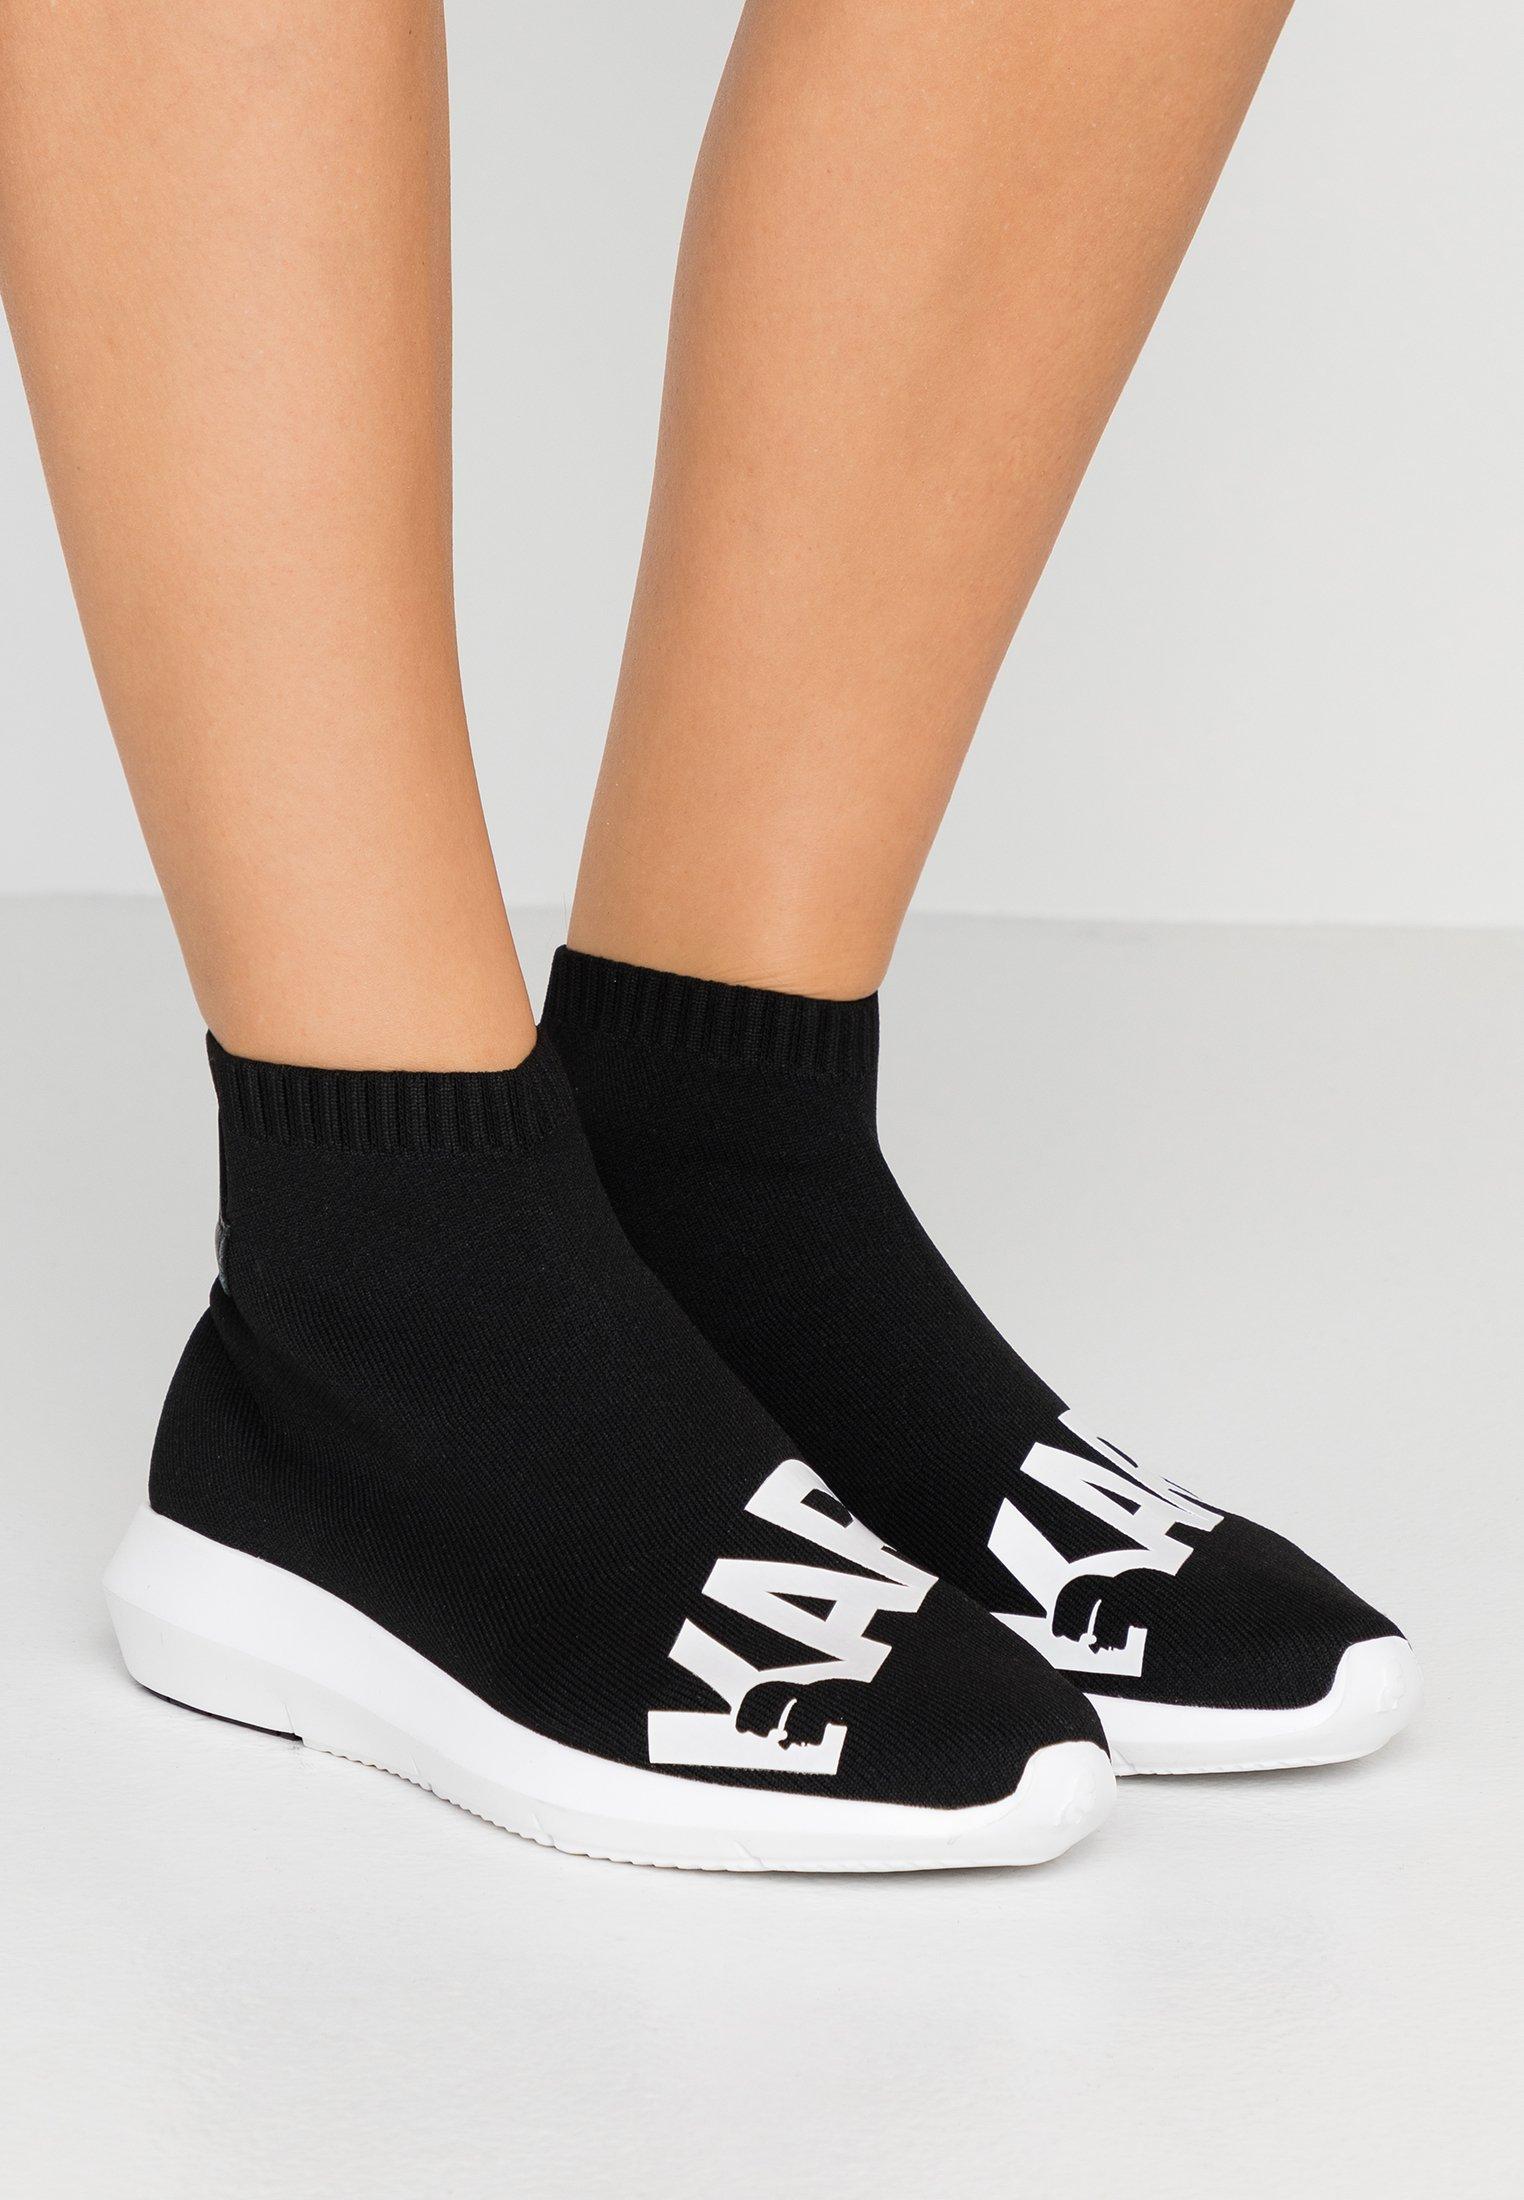 KARL LAGERFELD VITESSE LEGERE  - Slippers - black/white